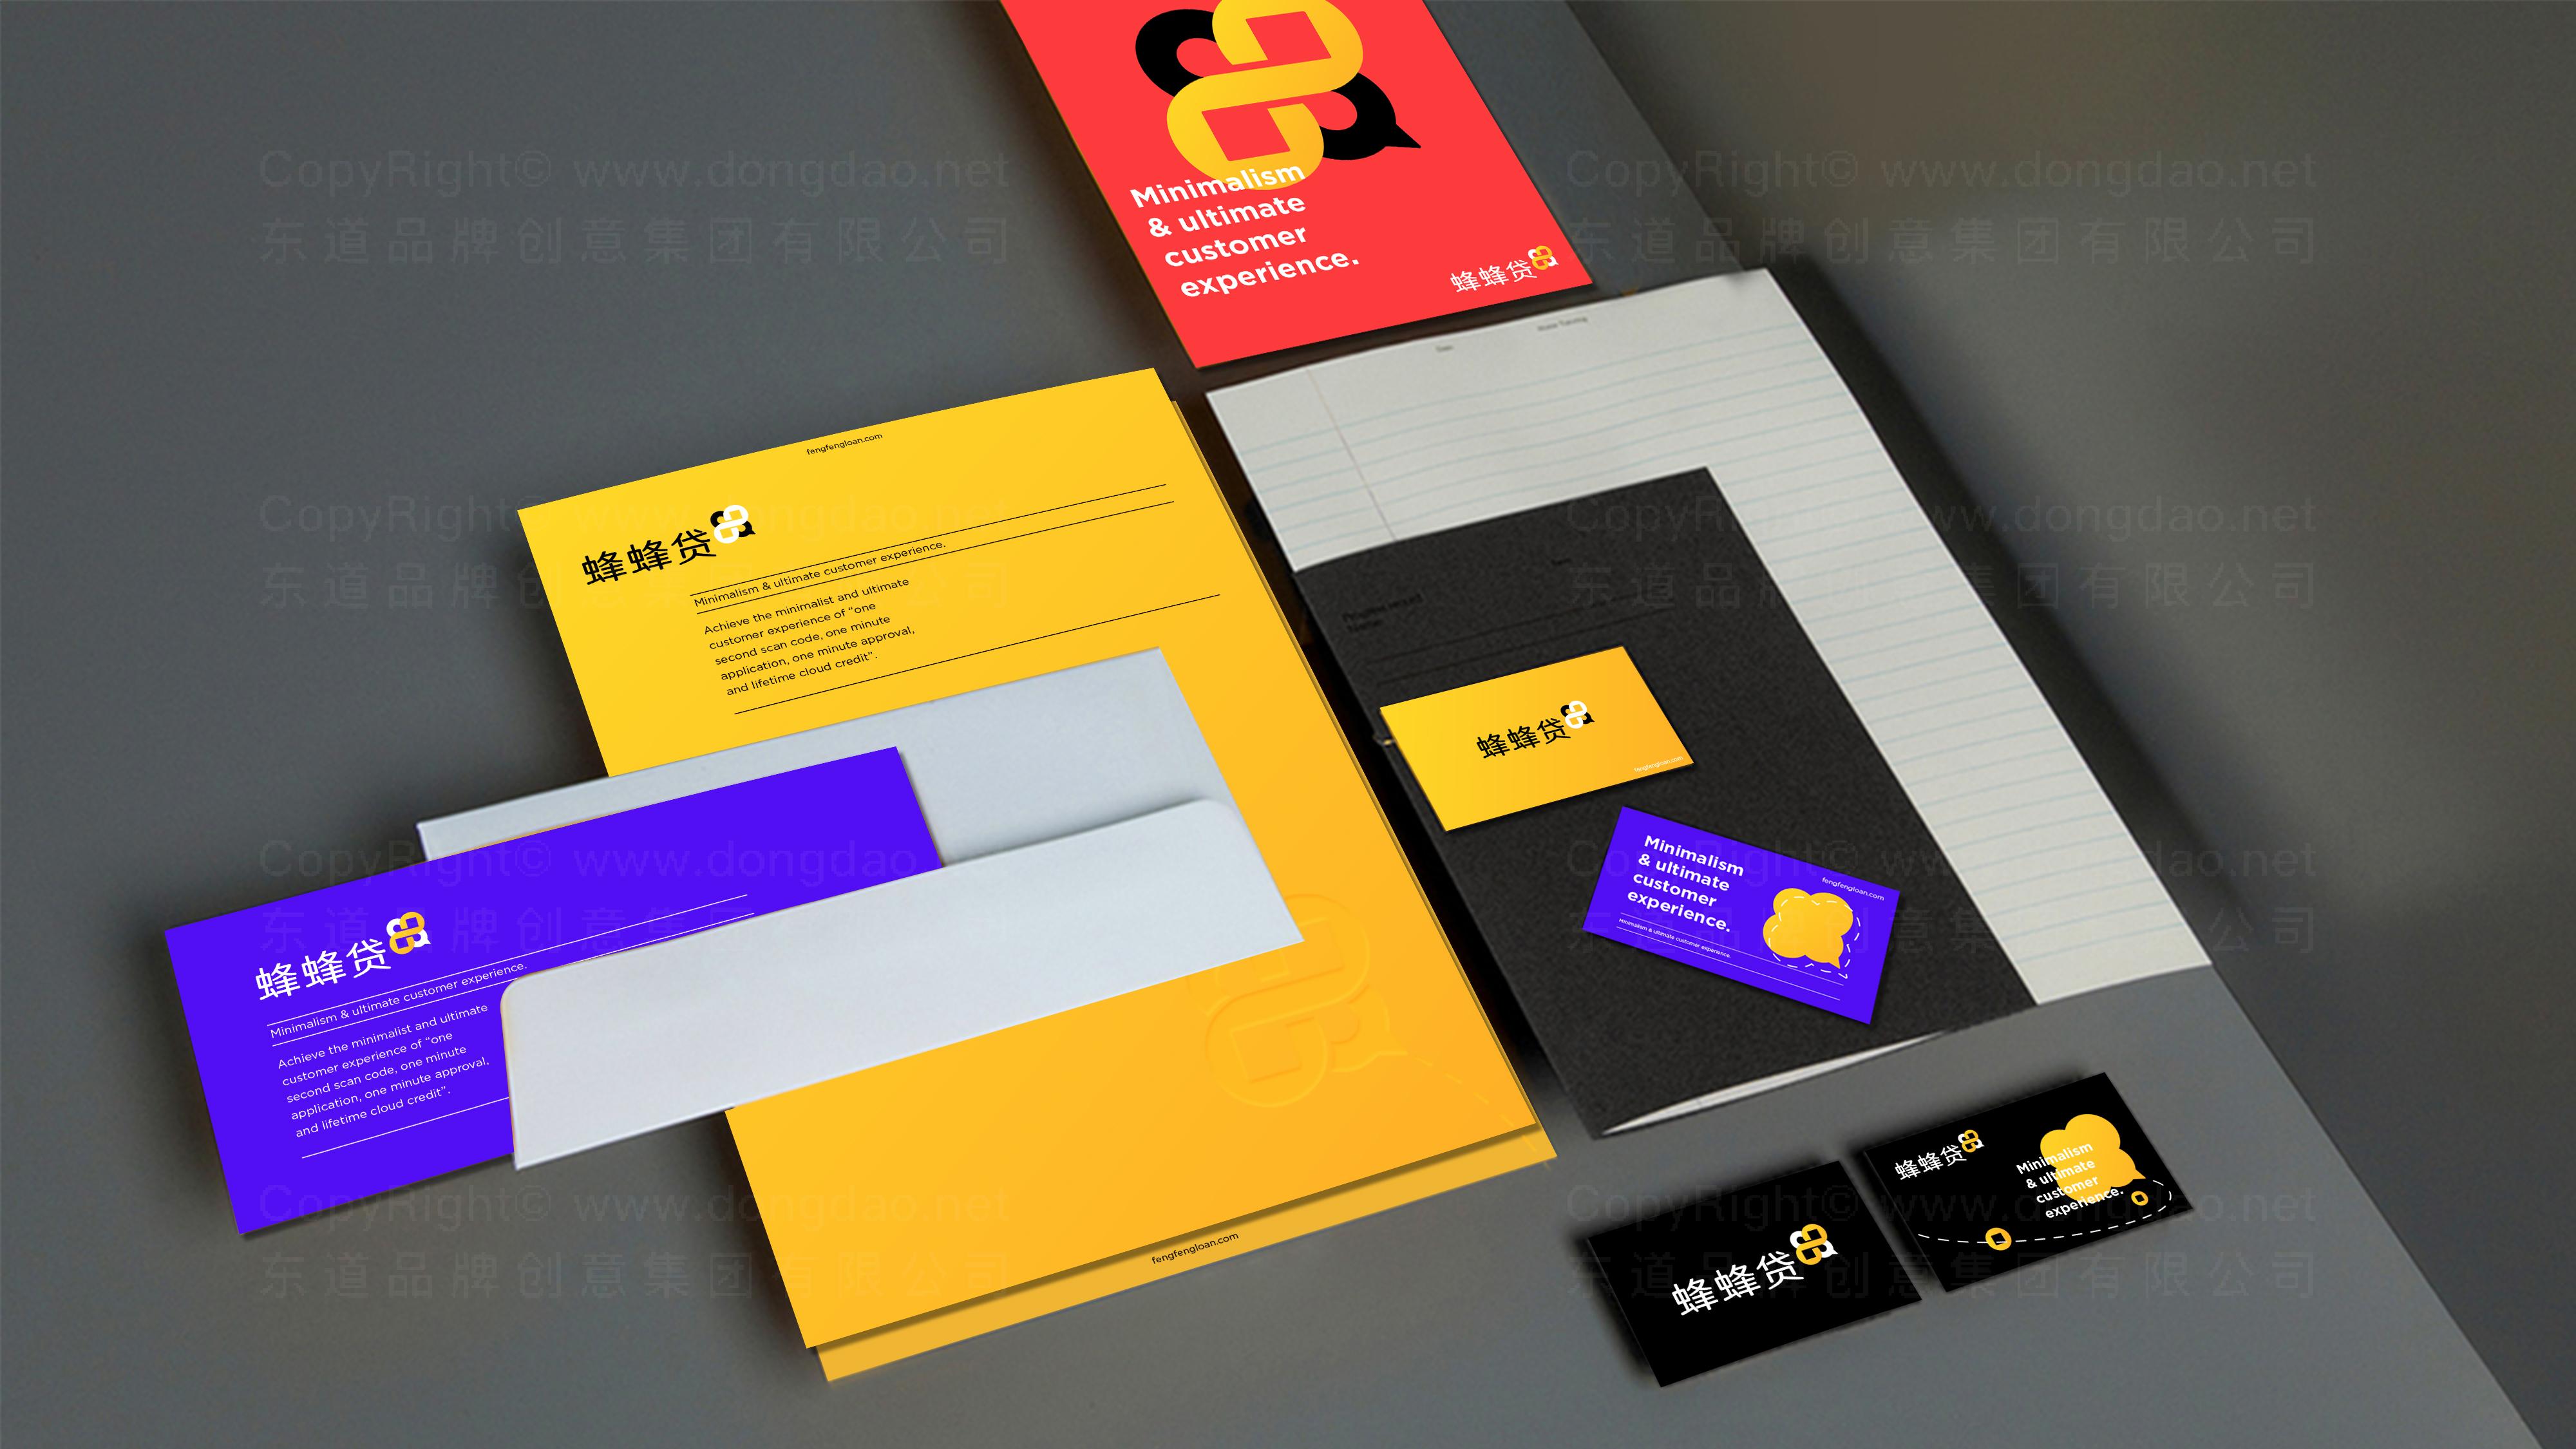 银行金融品牌设计蜂蜂贷LOGO&VI设计